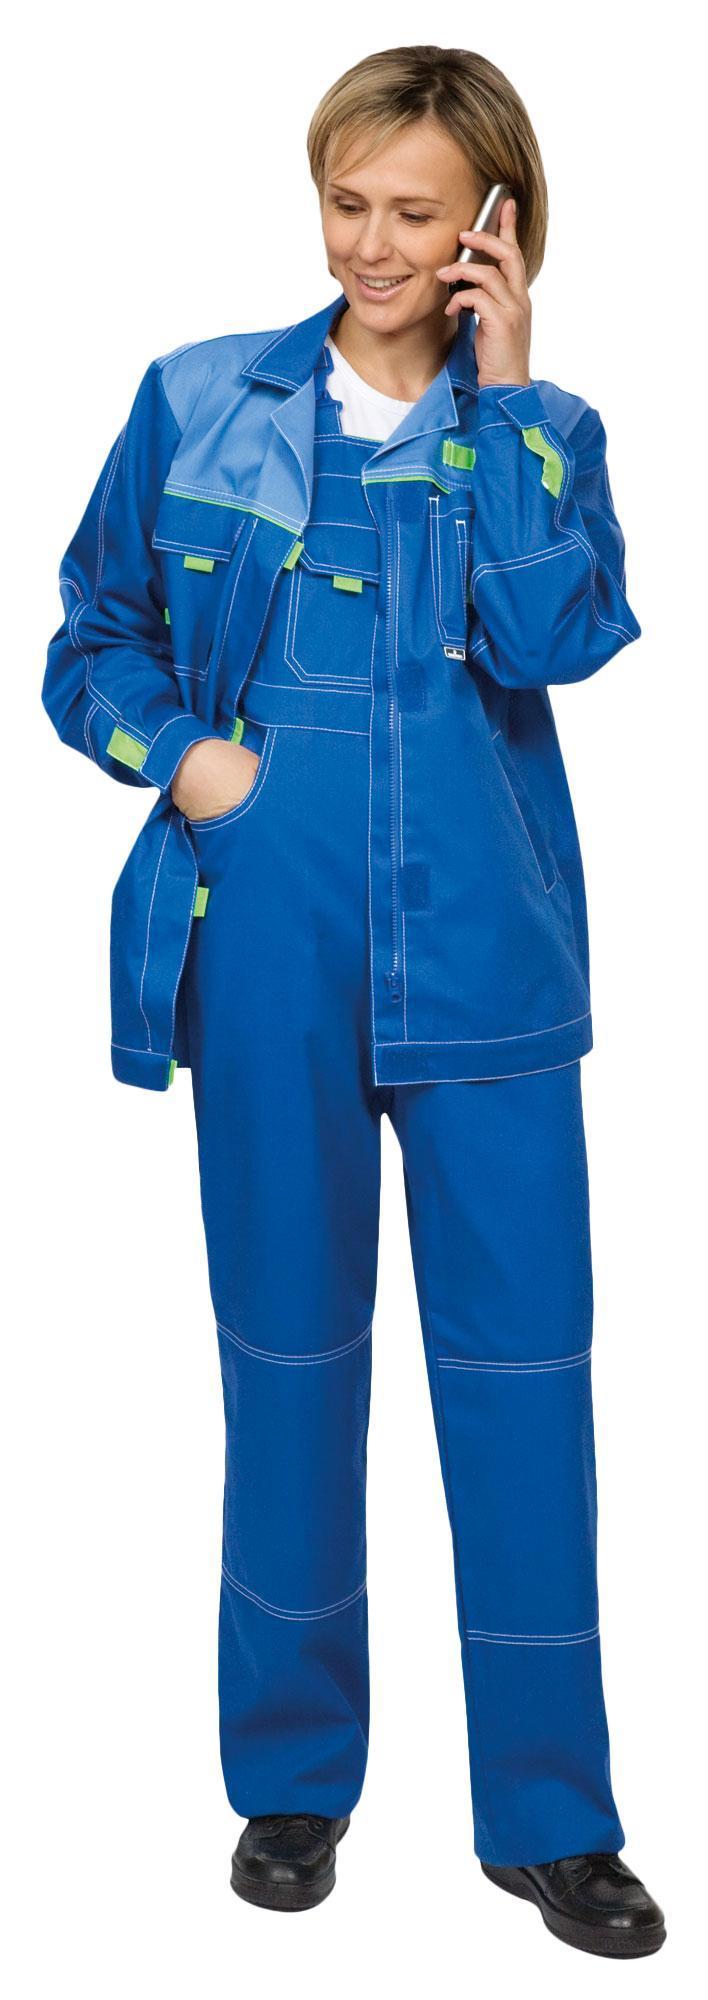 Куртка рабочая летняя ТЕХНОАВИАКуртки<br>Тип: куртка,<br>Размер: 80-84/158-164,<br>Материал: хлопок/полиэстер,<br>Пол: женский,<br>Цвет: синий,<br>Сезон: лето,<br>Плотность ткани: 245<br>